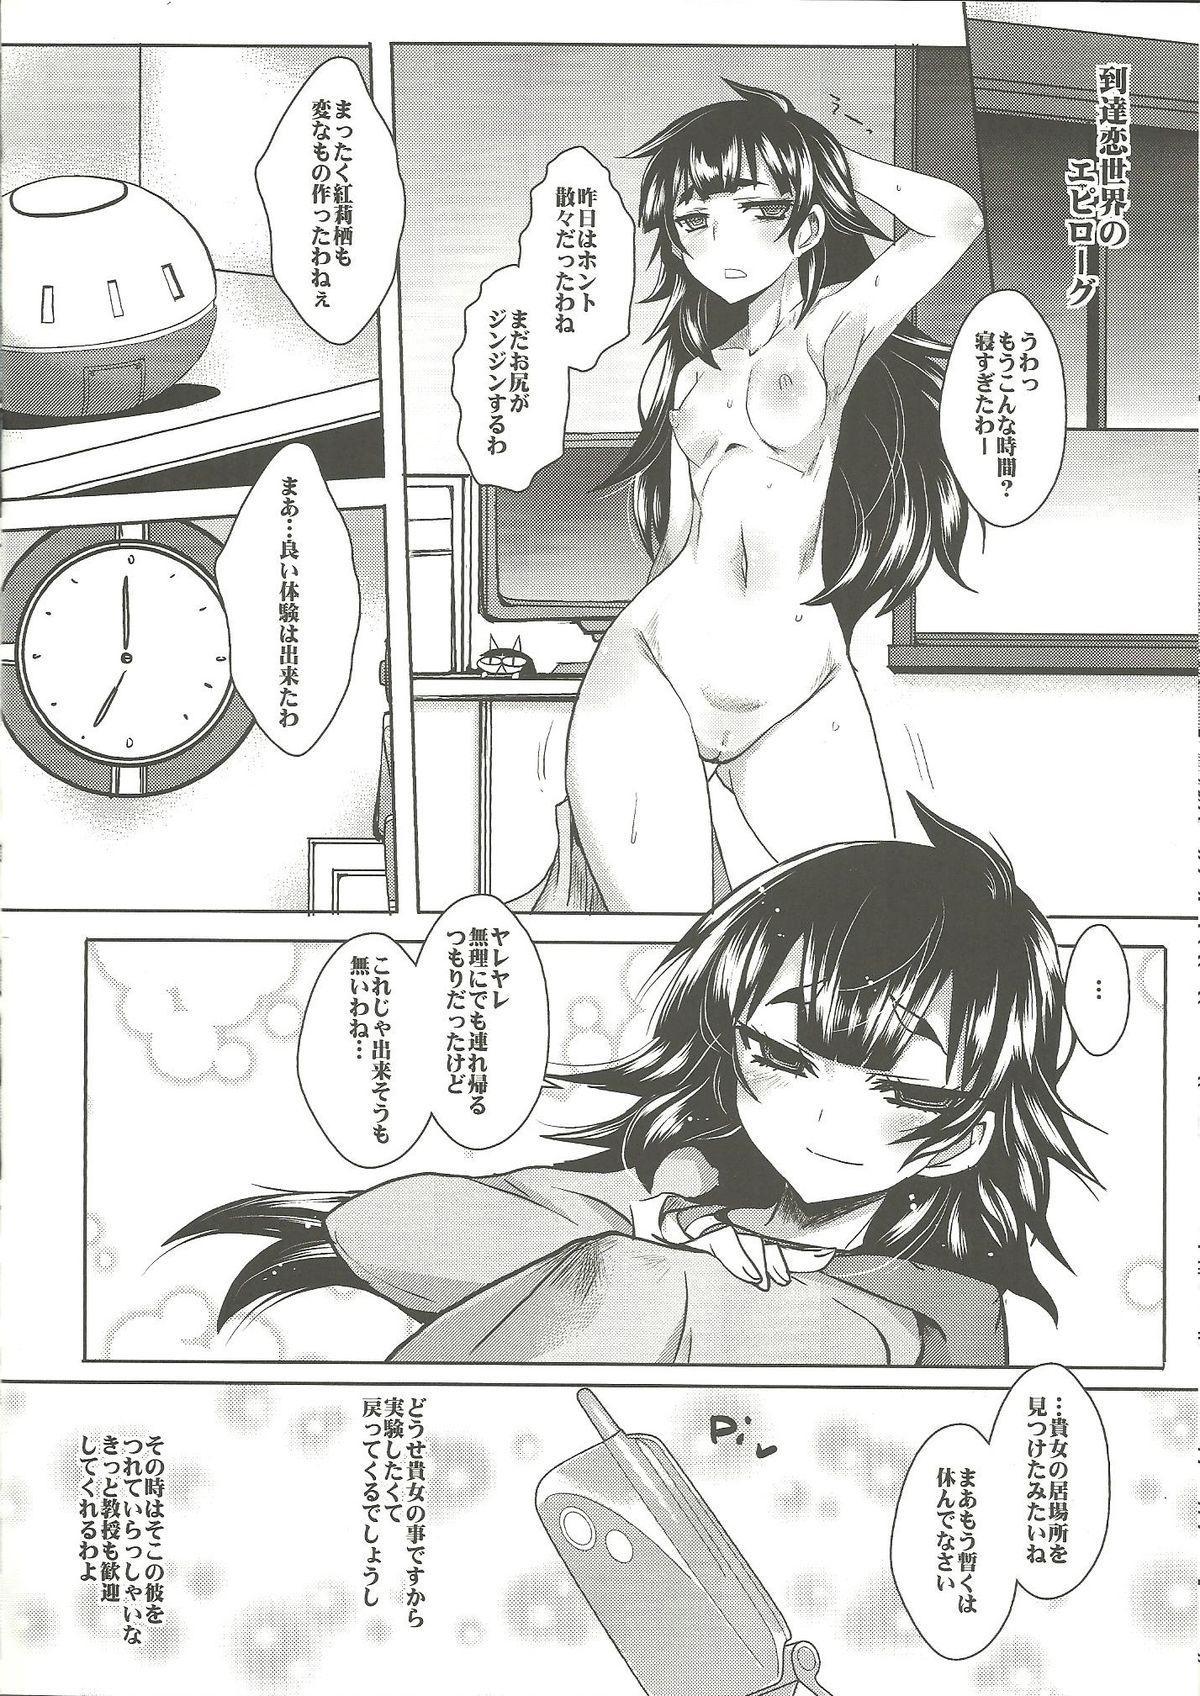 Toutatsu Koi Sekai no Execution 21